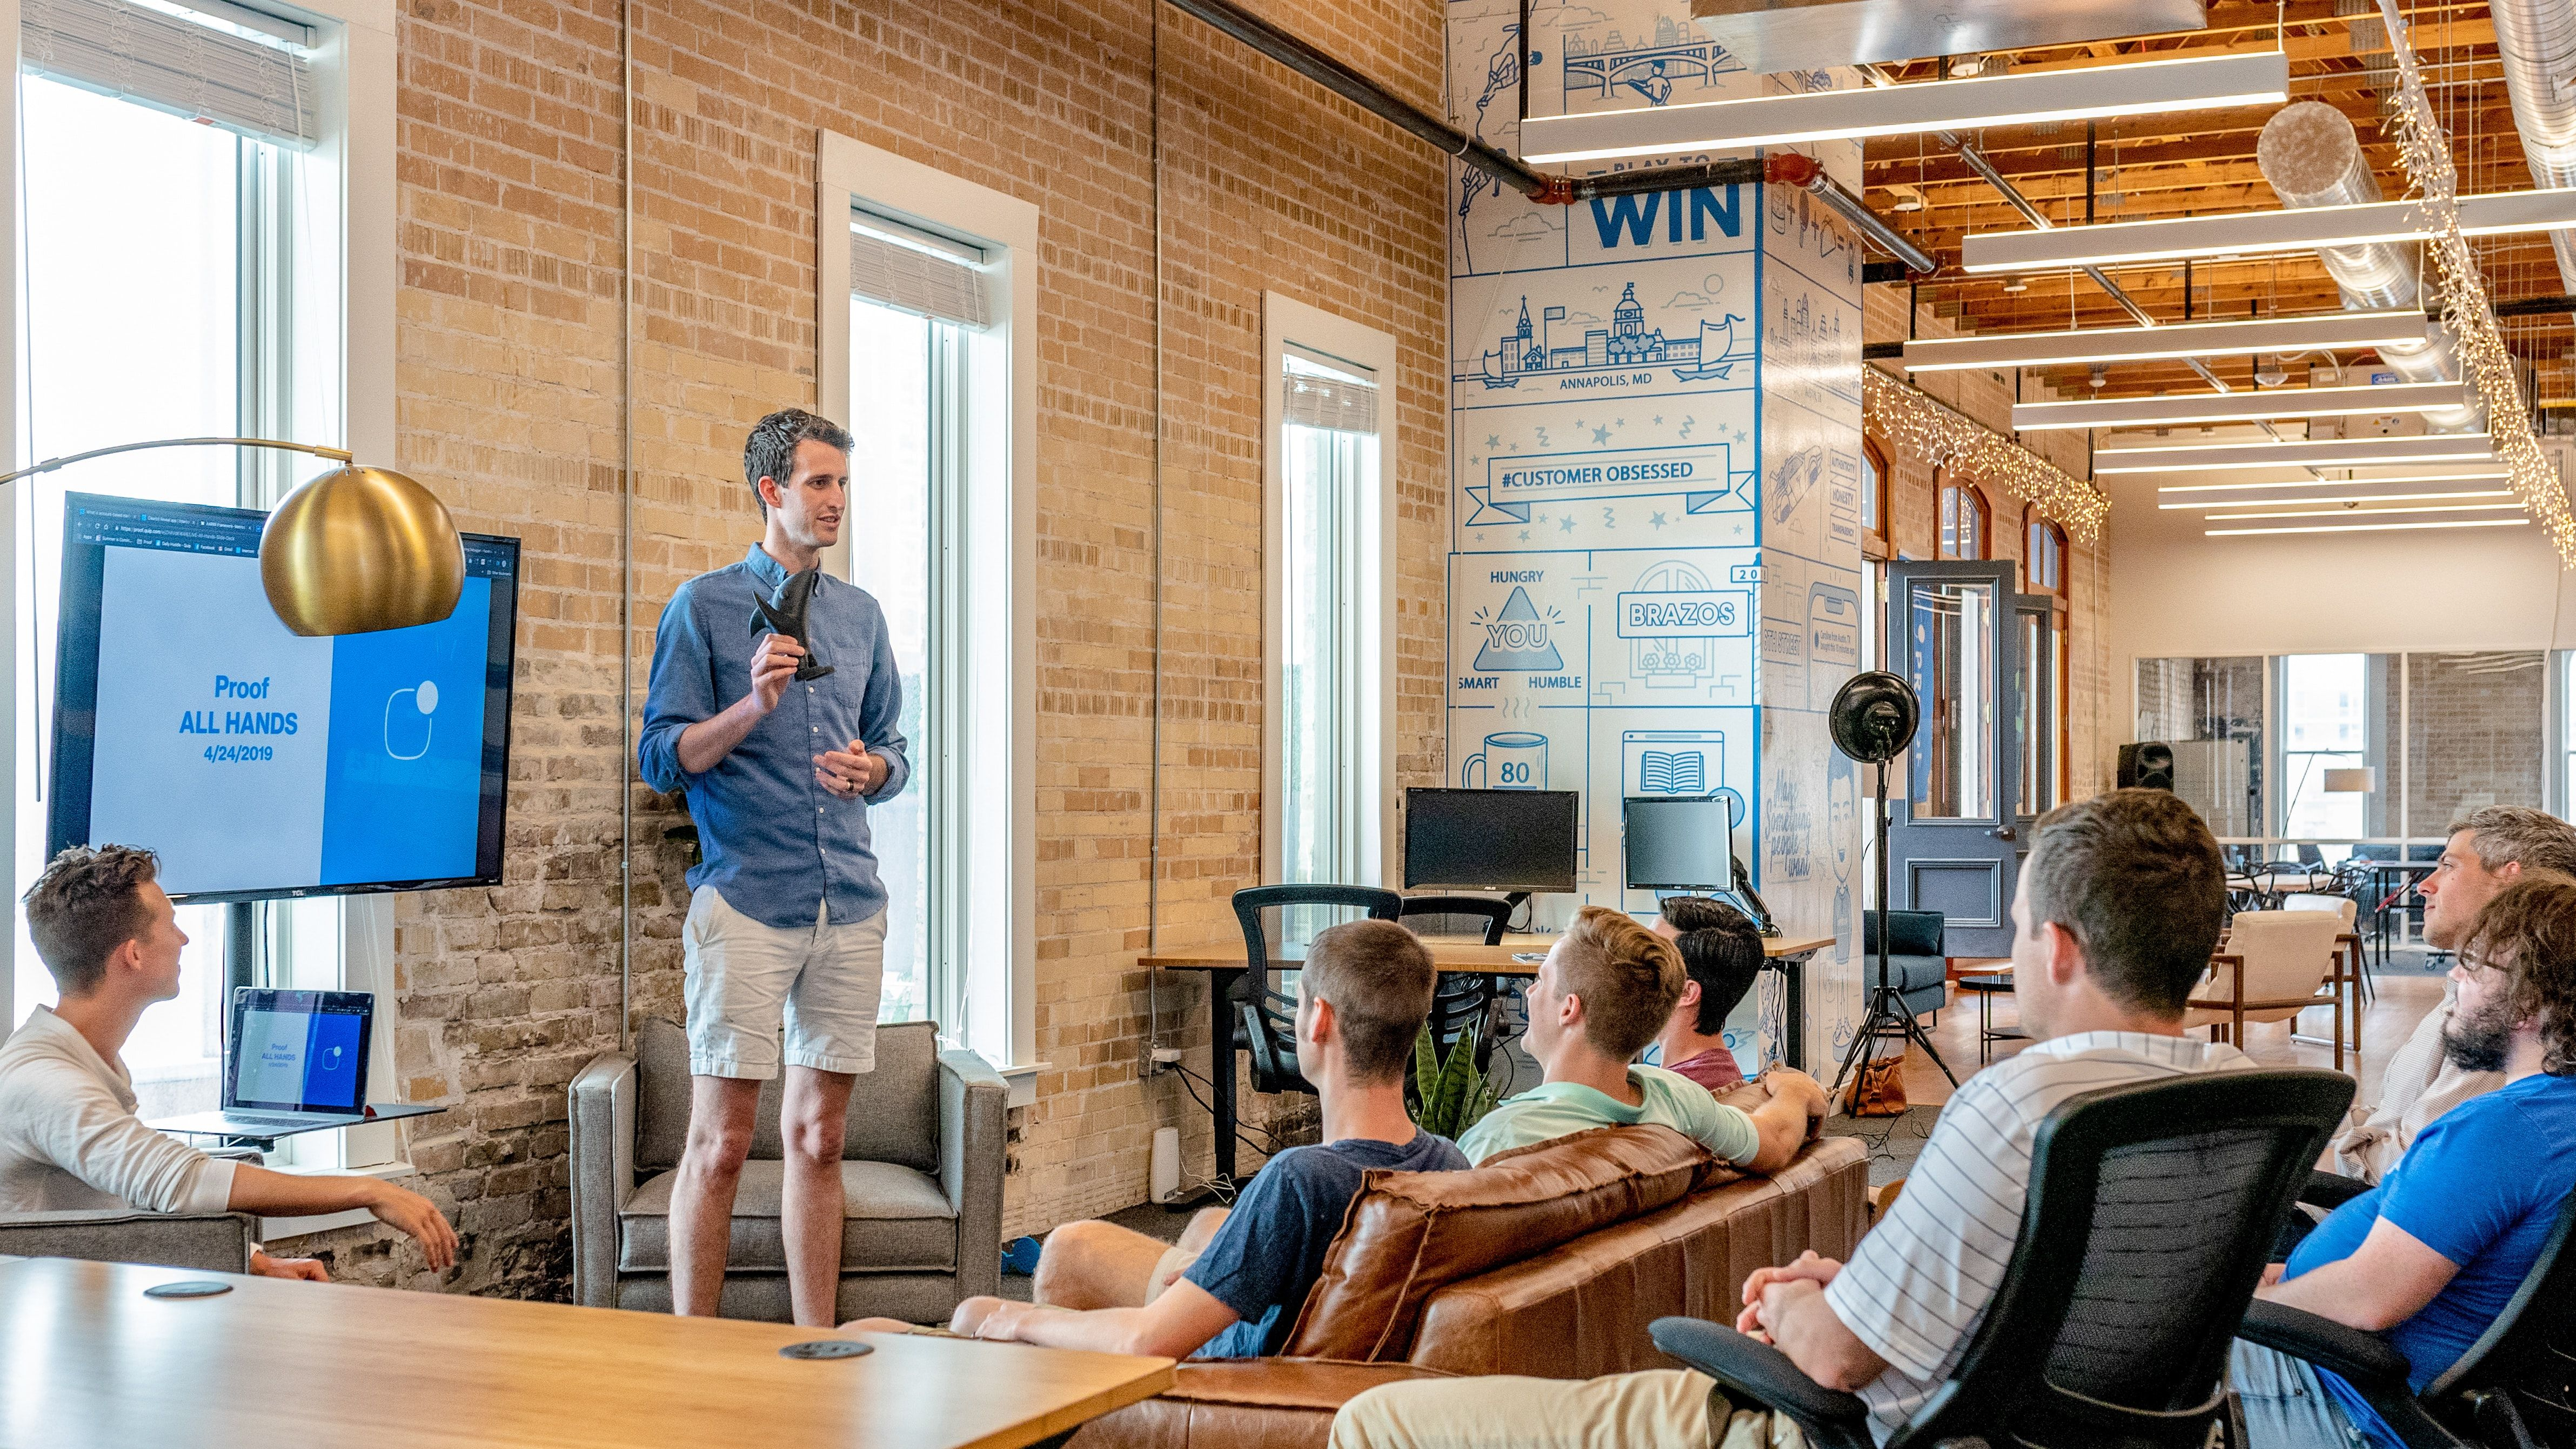 یک مرد در کنار صفحه نمایش بزرگ در حال حرف زدن است و چند مرد مقابل او نشستهاند